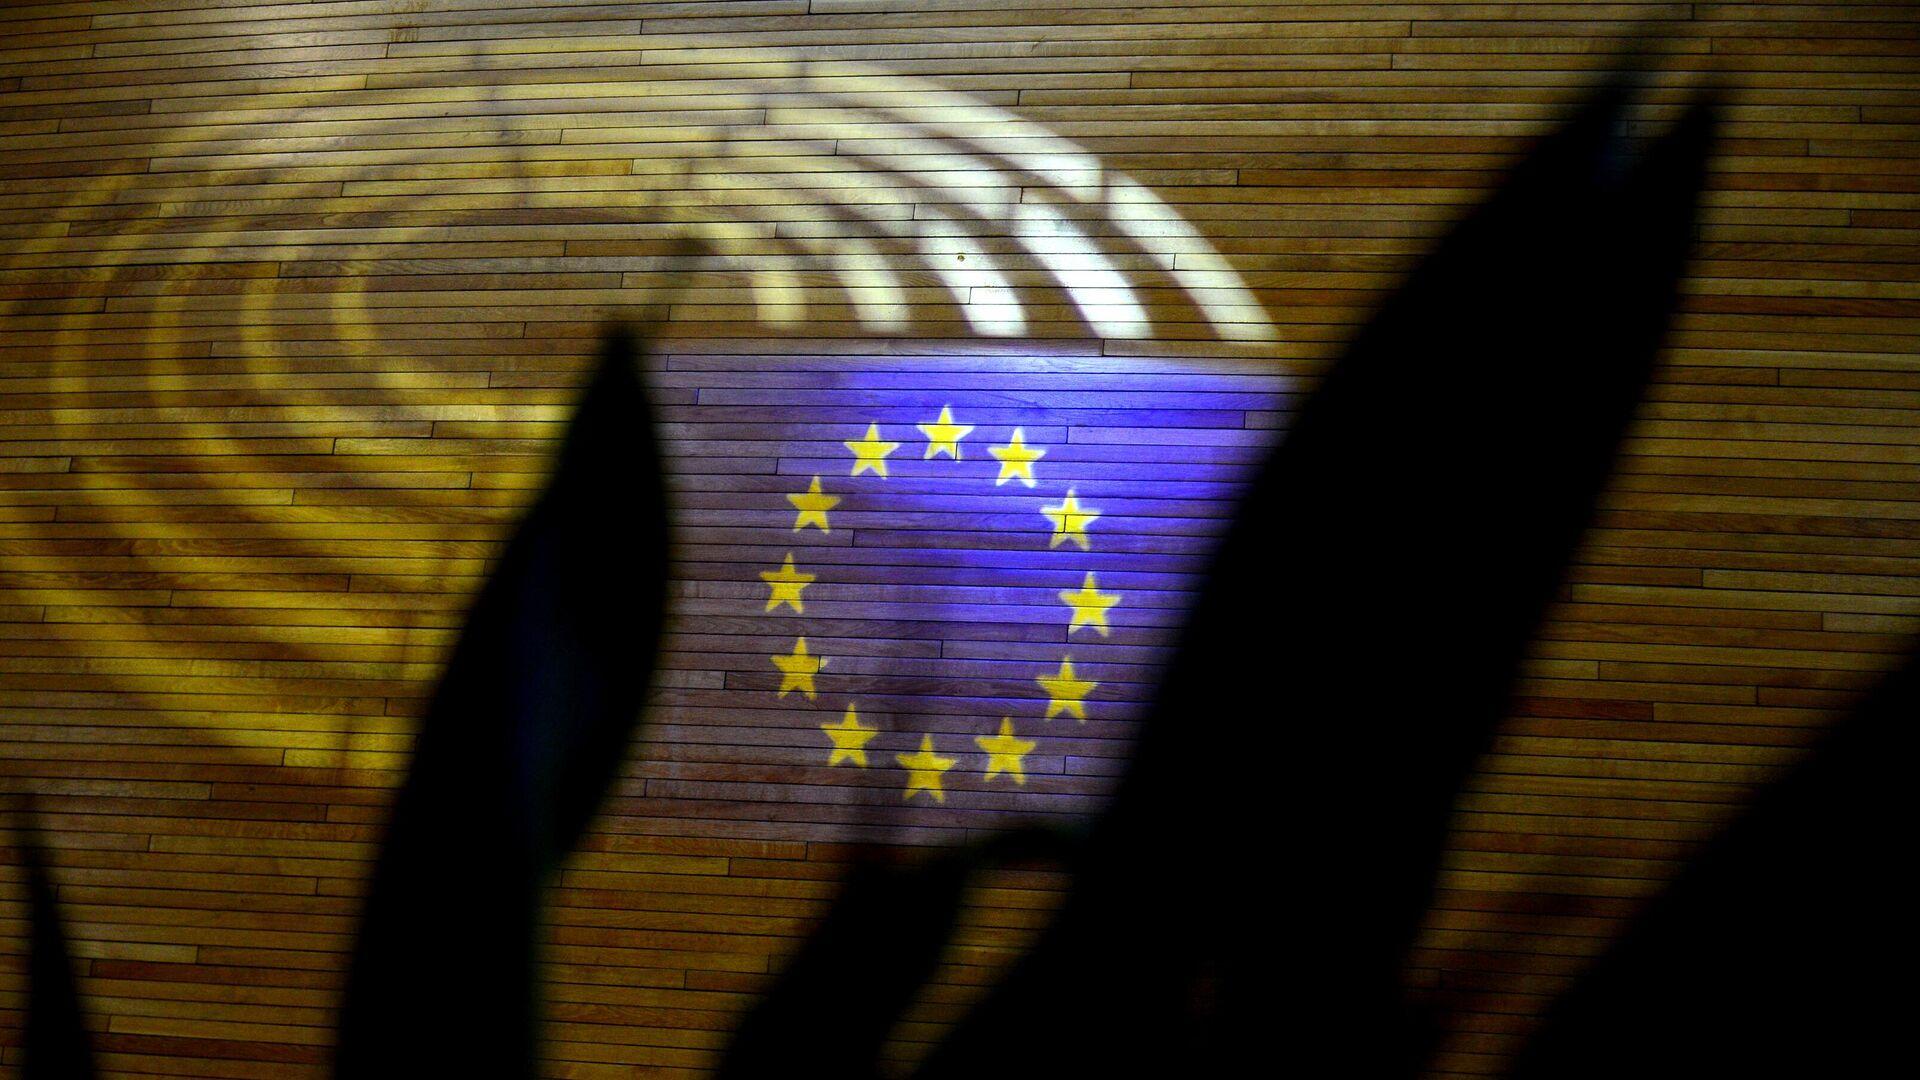 Световая проекция флага Европейского союза в здании Европарламента в Страсбурге - РИА Новости, 1920, 15.09.2021